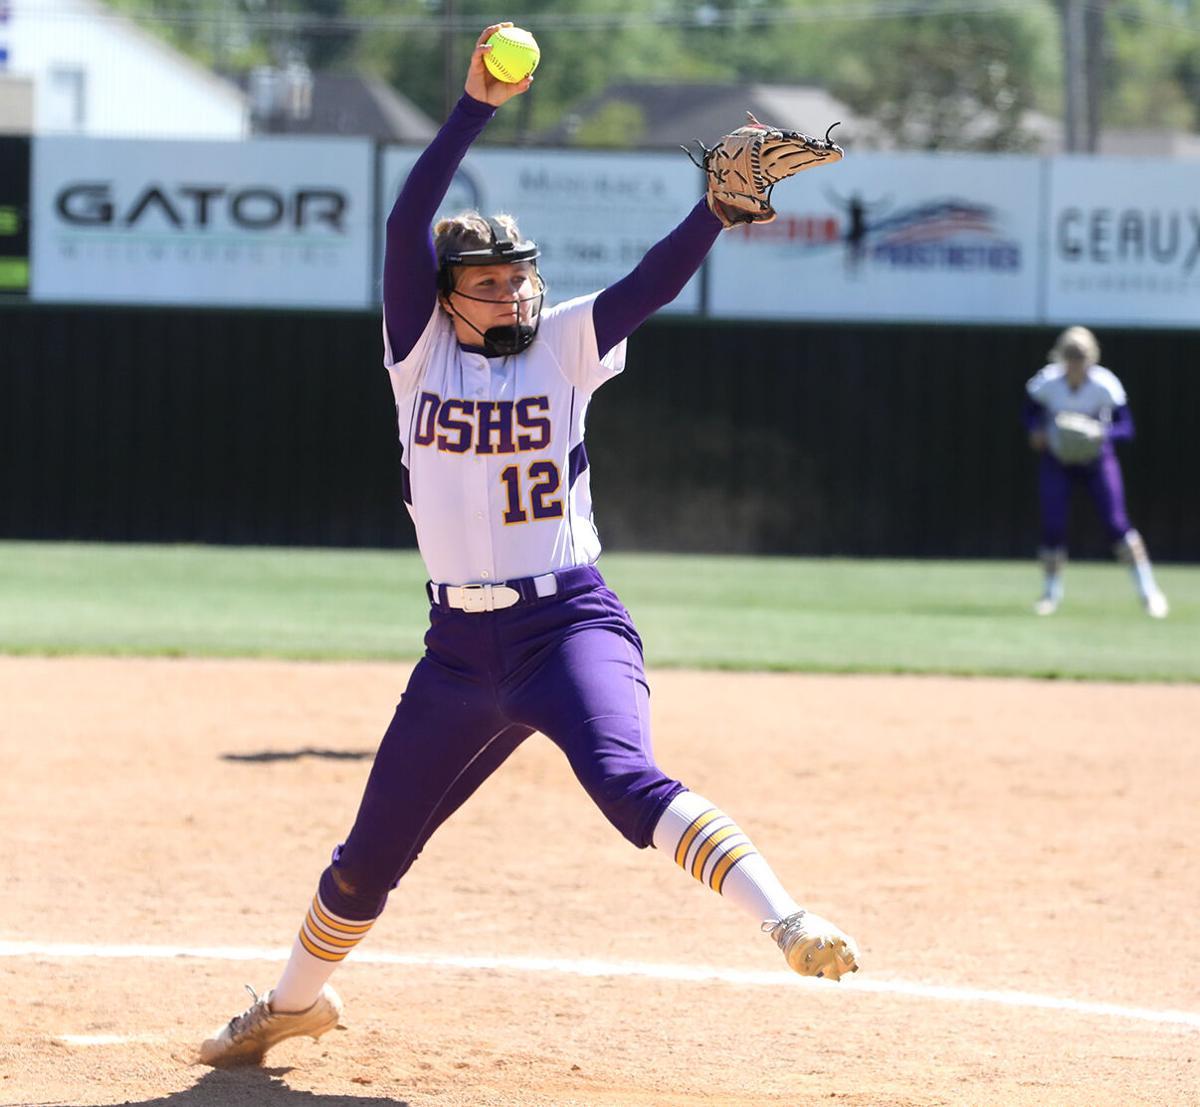 DSHS vs Walker softball